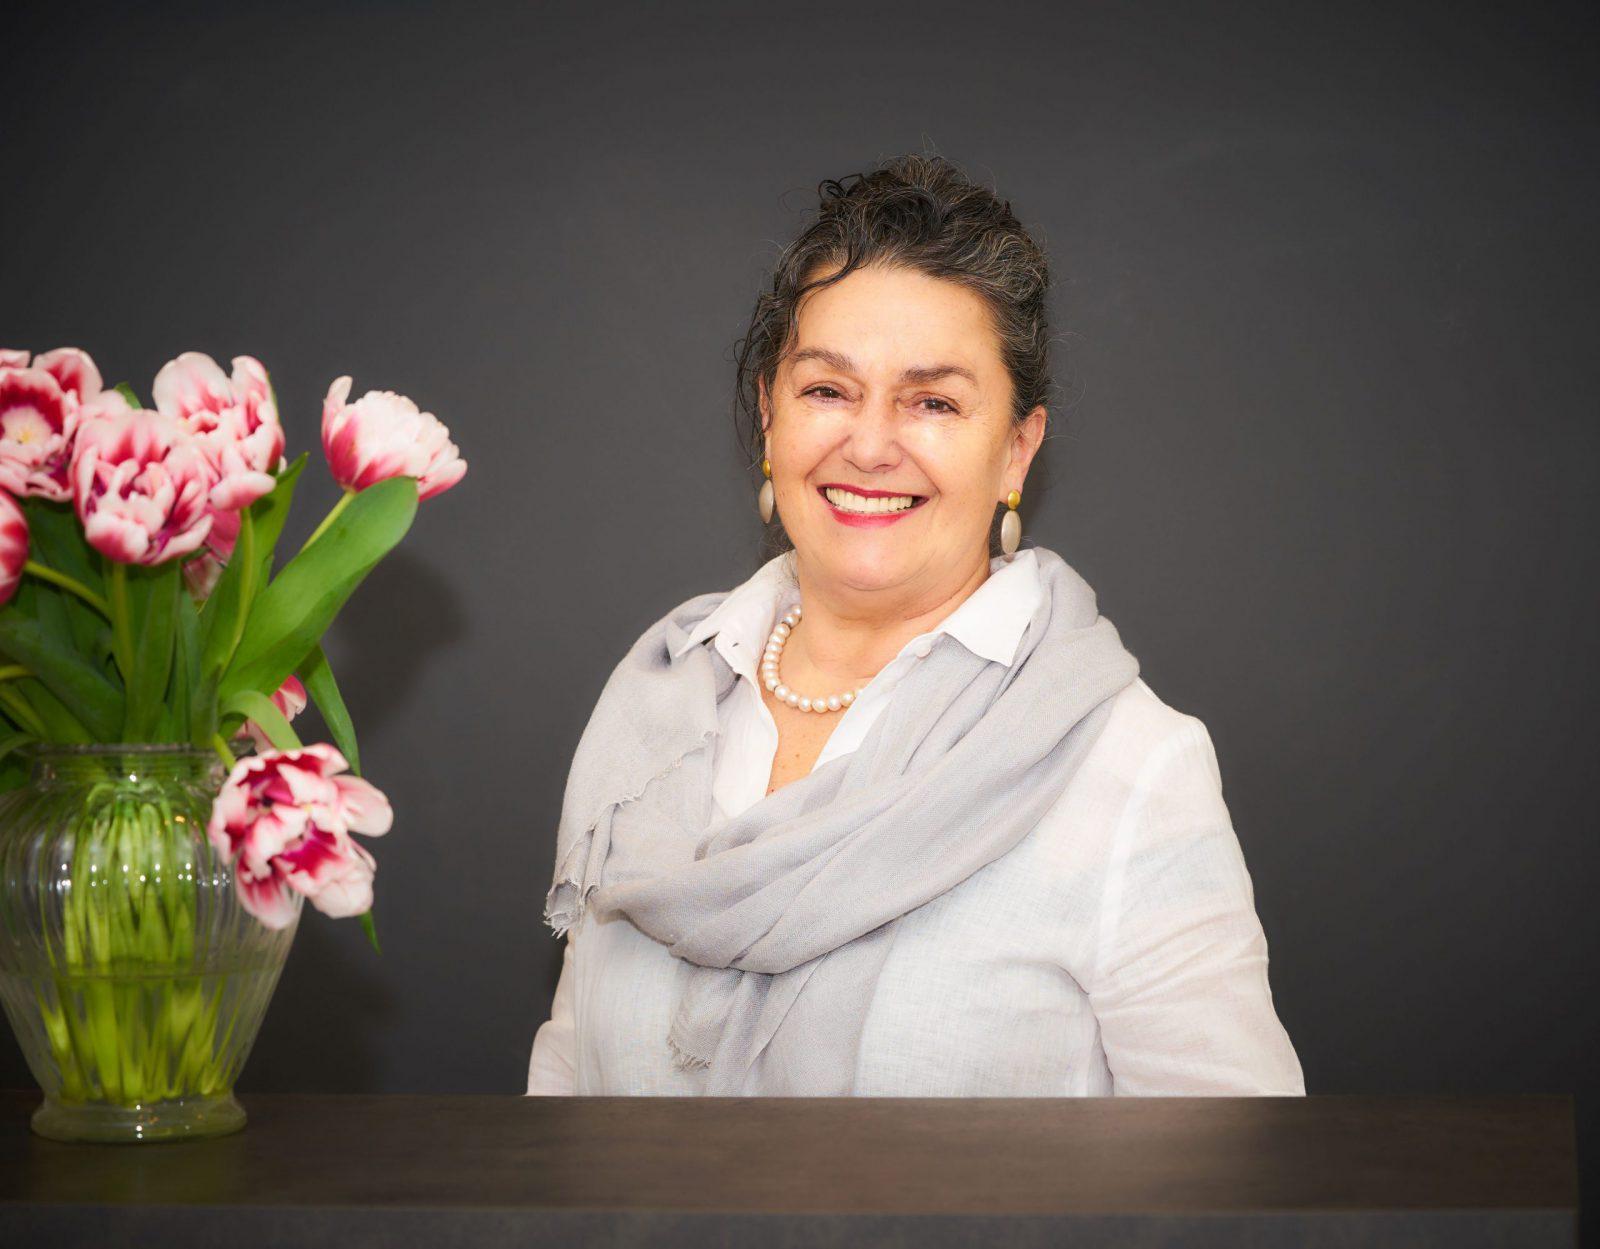 Marille Niederlechner